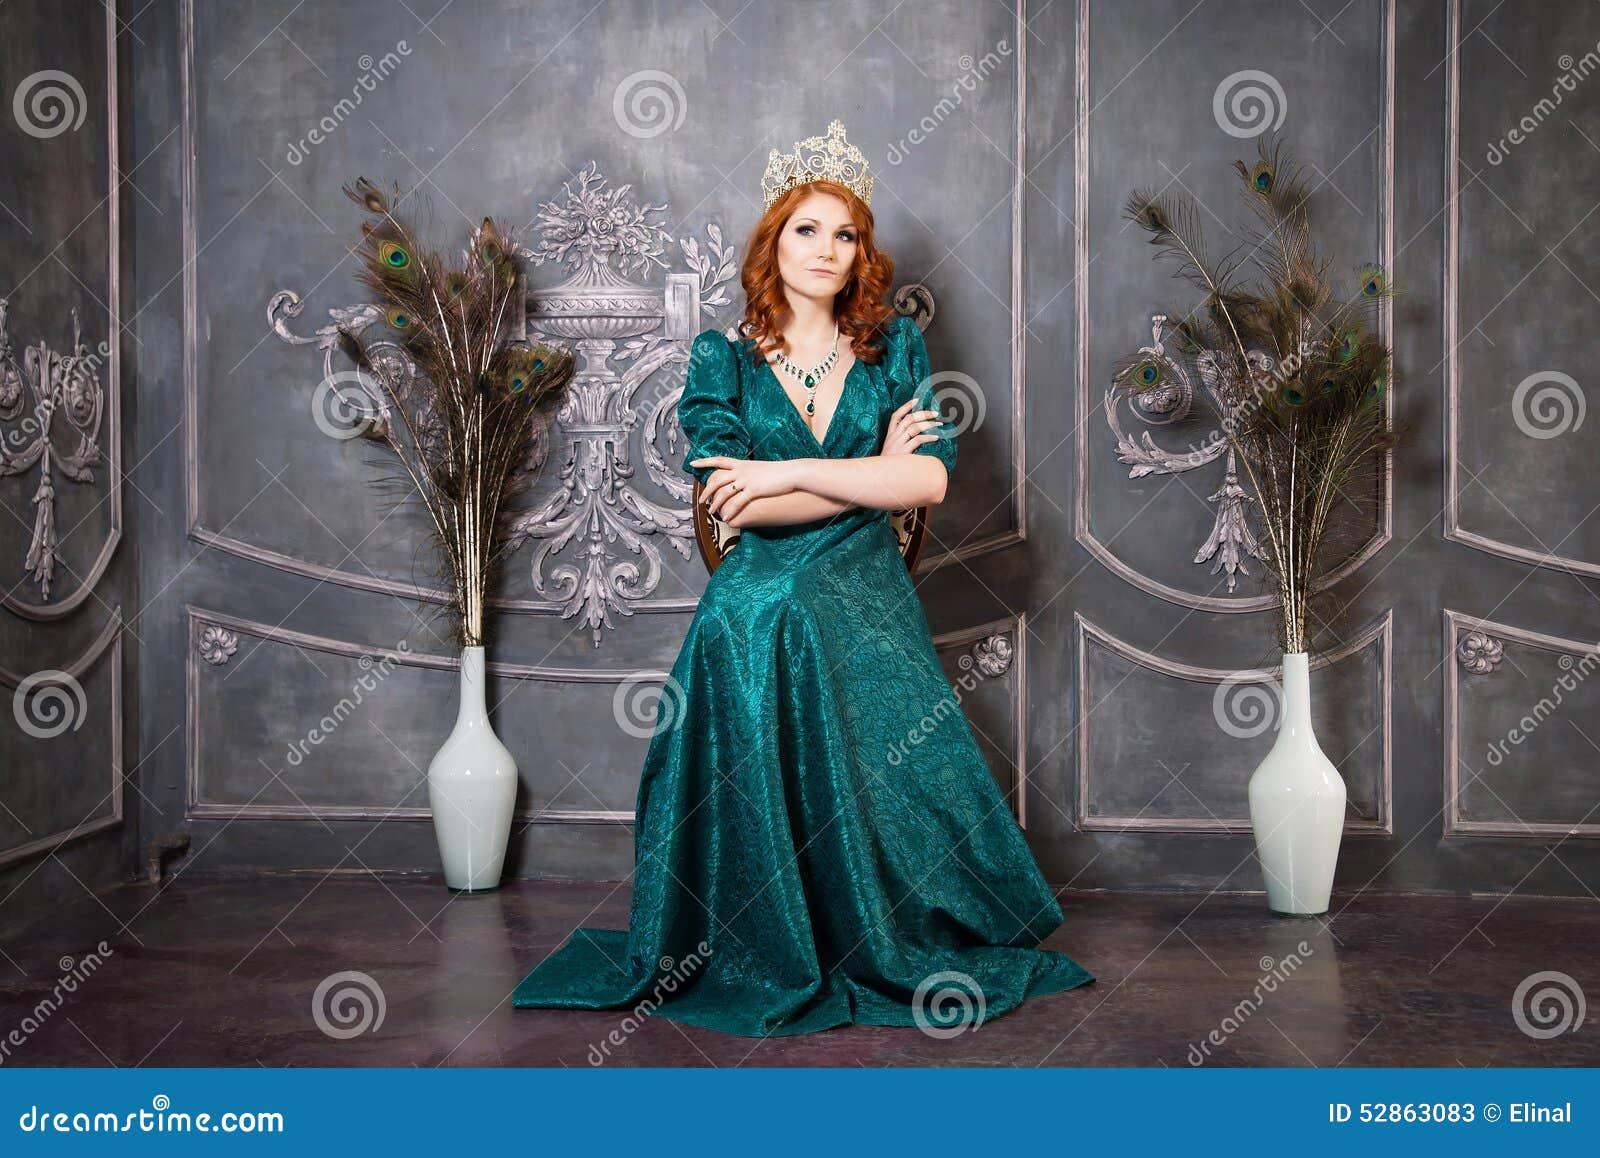 Königin, Königliche Person Mit Krone, Rotes Haar Und Grünes Kleid ...